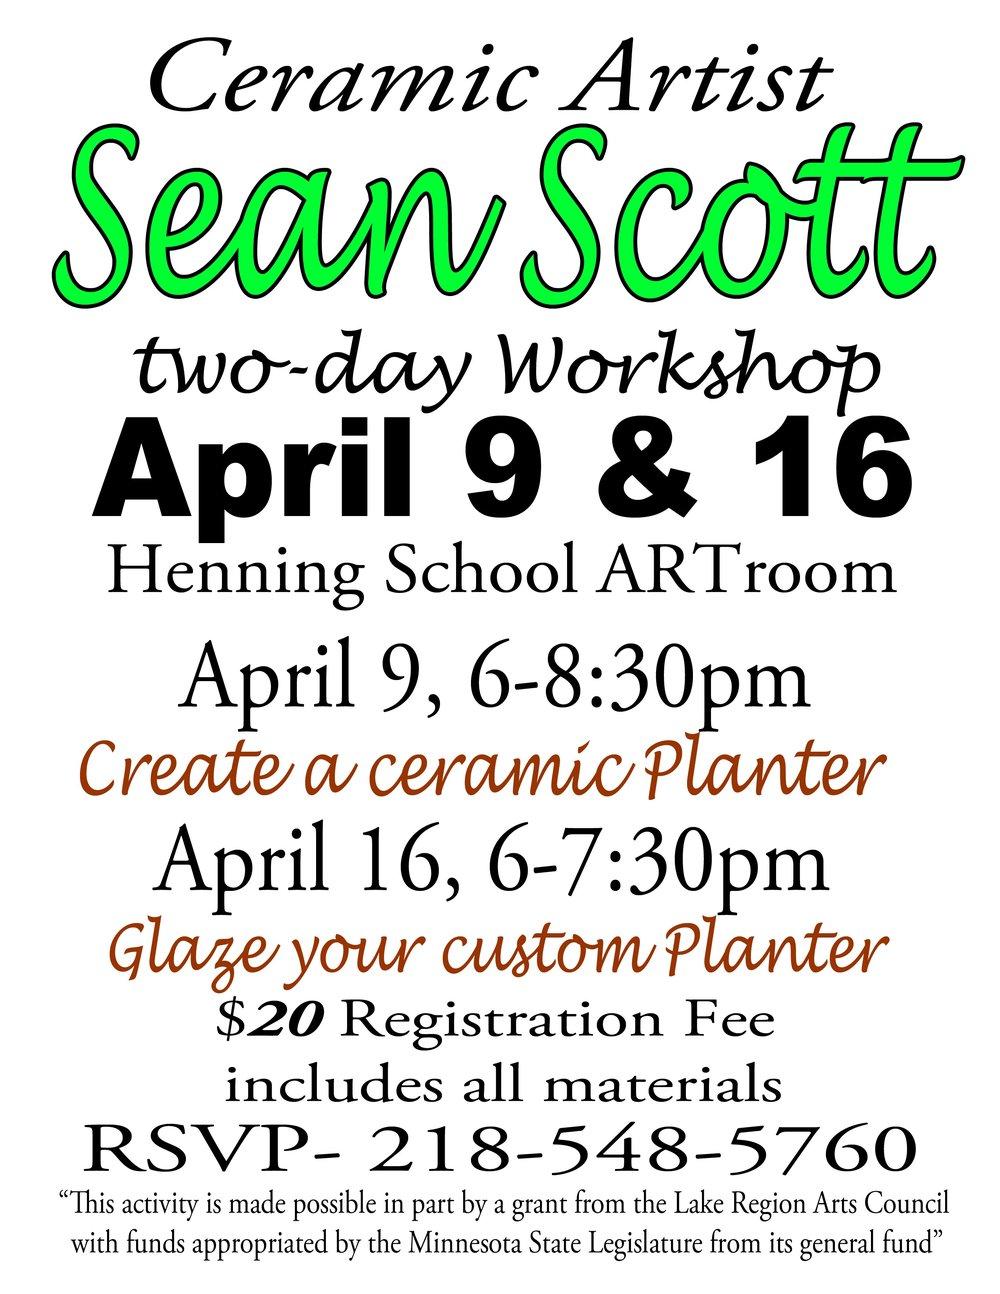 Sean Scott Workshop.jpg